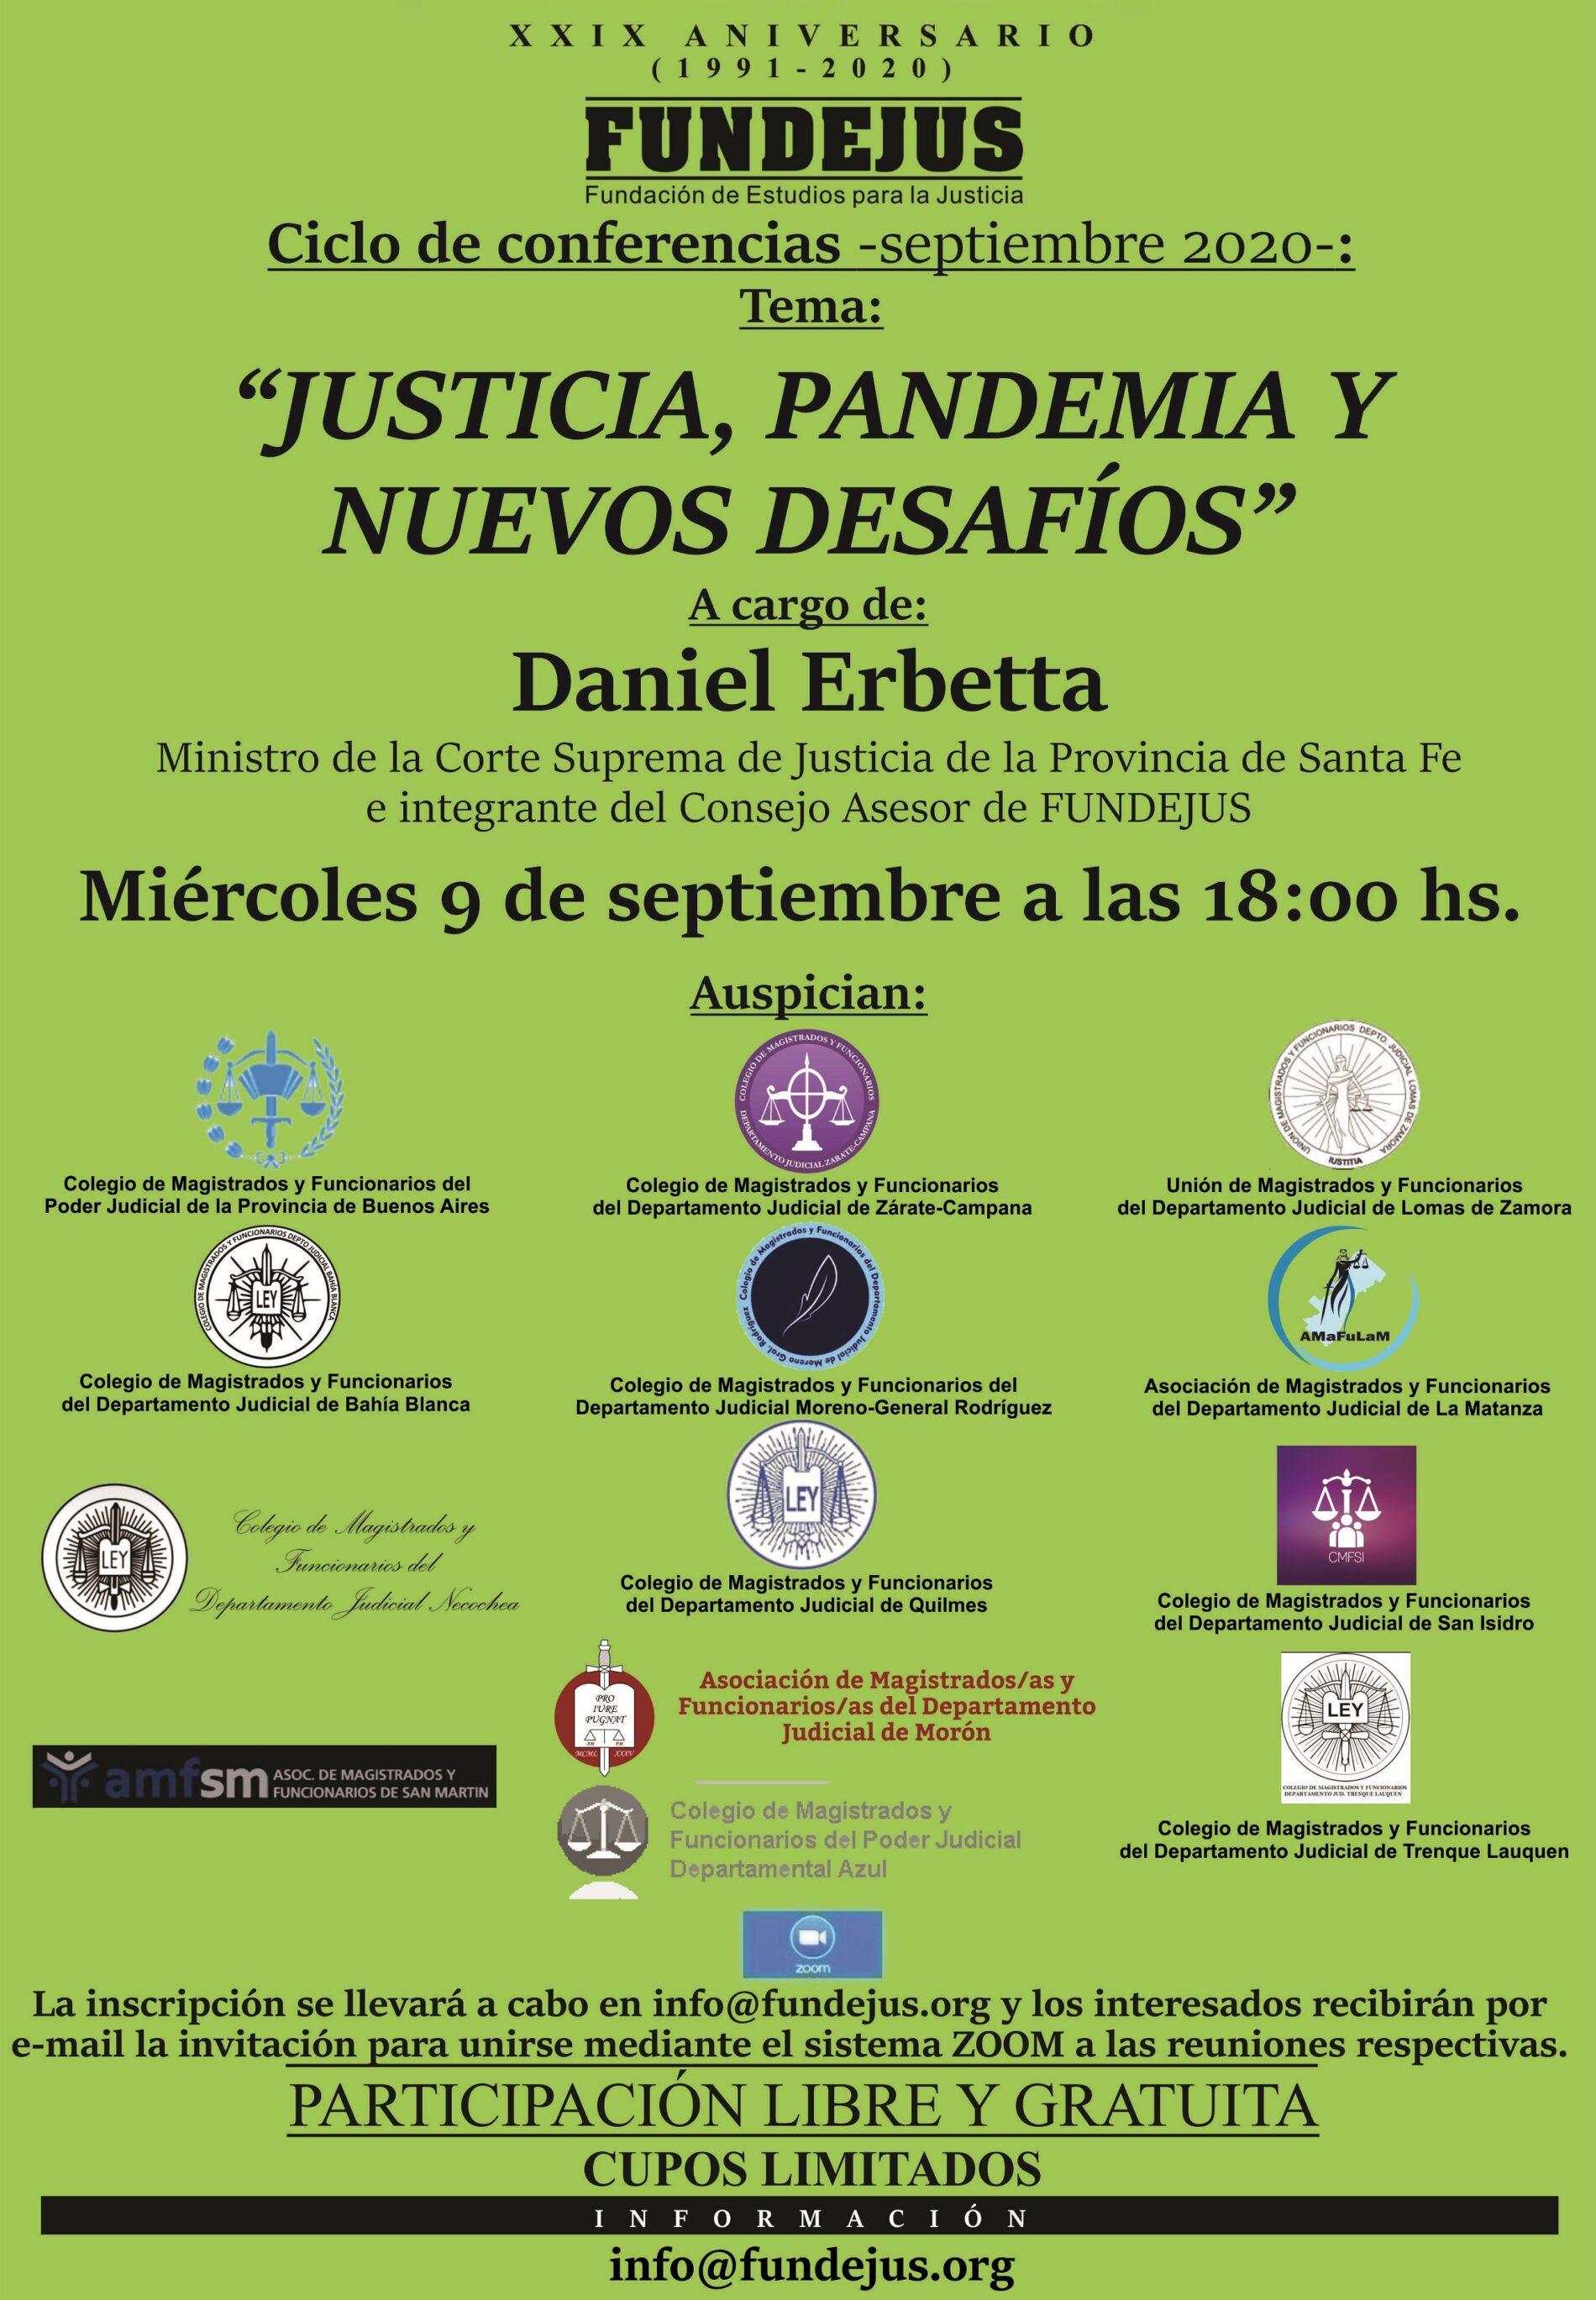 Próxima jornada 9/9: «Justicia, pandemia y nuevos desafíos»